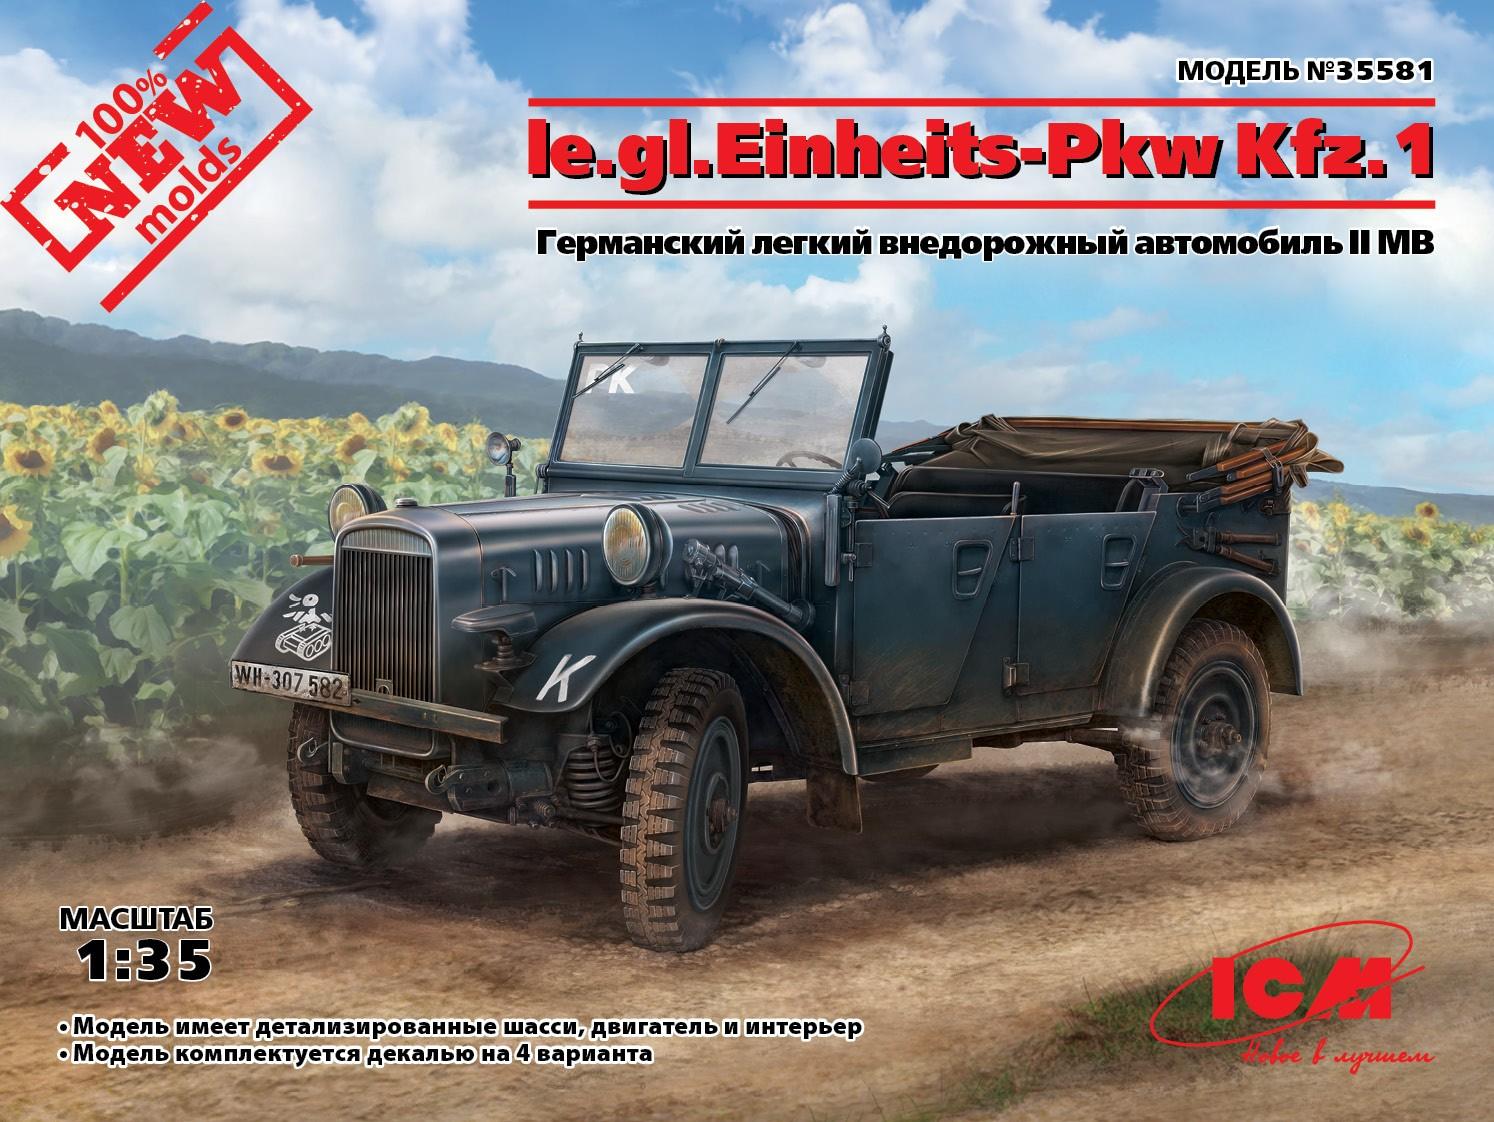 1:35 le.gl.Einheits-Pkw Kfz.1, Германский легкий внедорожный автомобиль ІІ МВ 35581